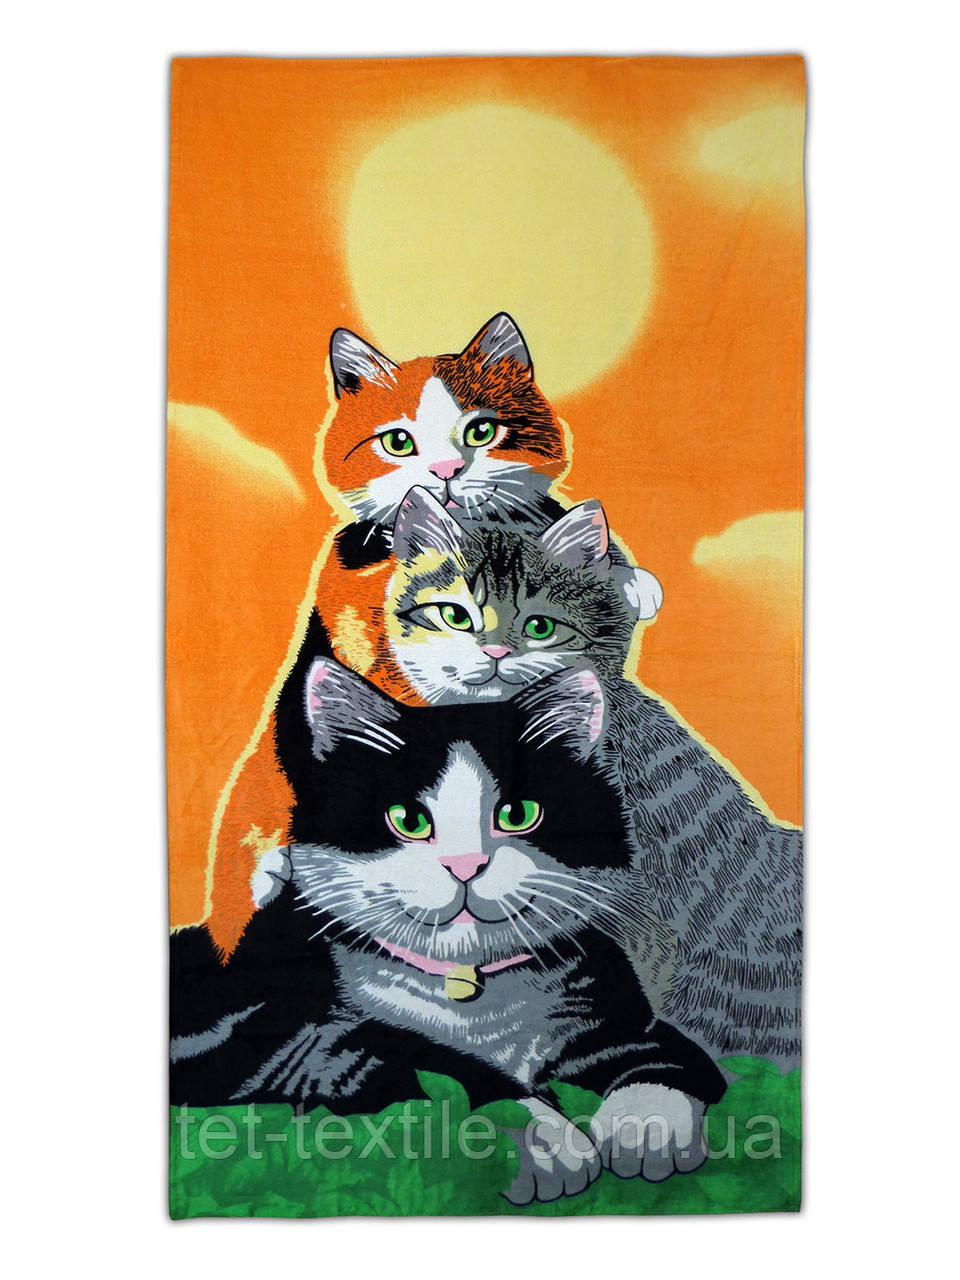 """Пляжное полотенце """"Коты"""" 70х140см."""